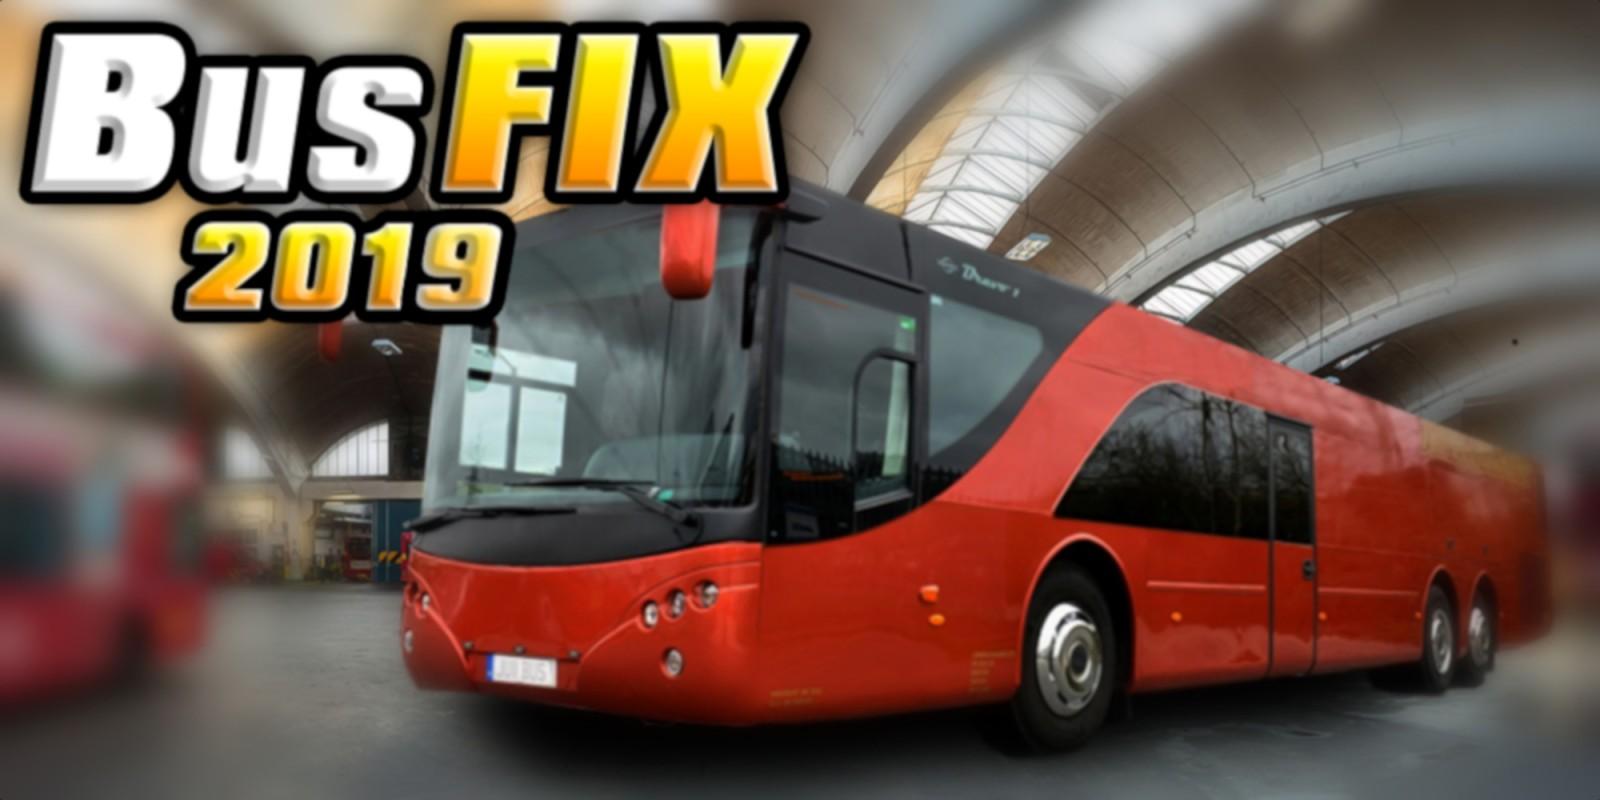 Bus Fix 2019 - Recensione